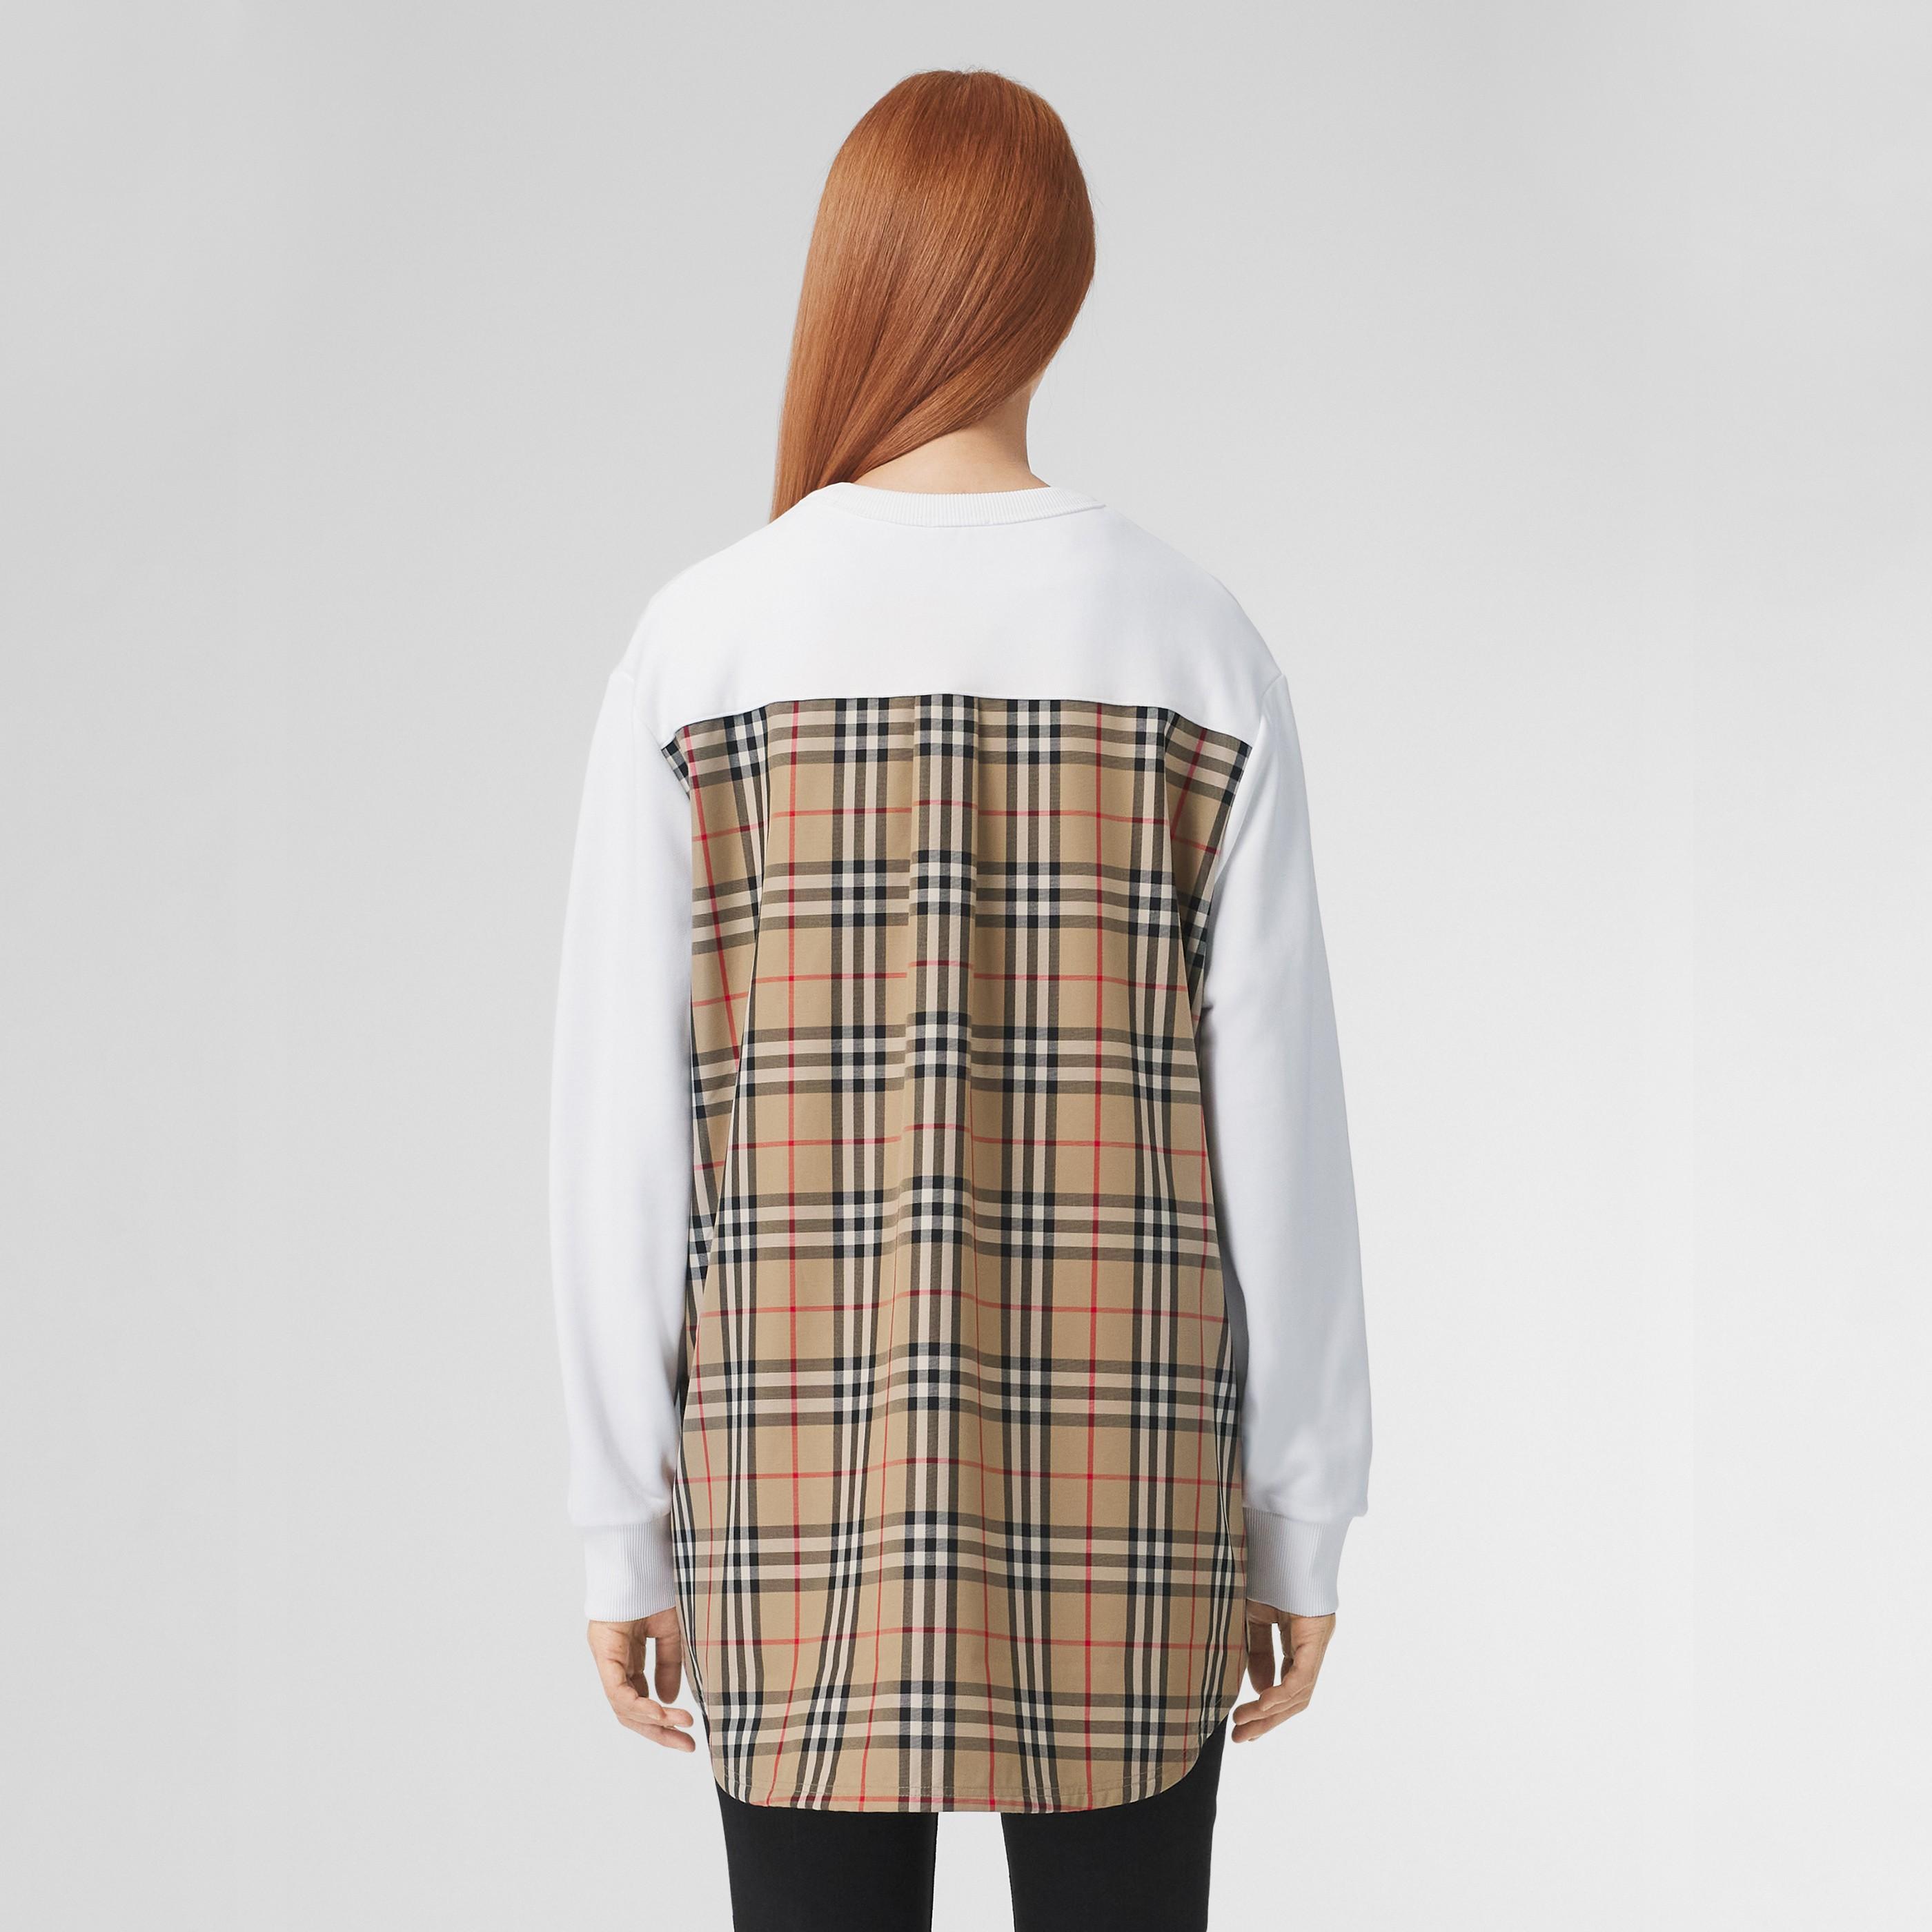 Felpa oversize in cotone con inserti Vintage check (Bianco) - Donna | Burberry - 3